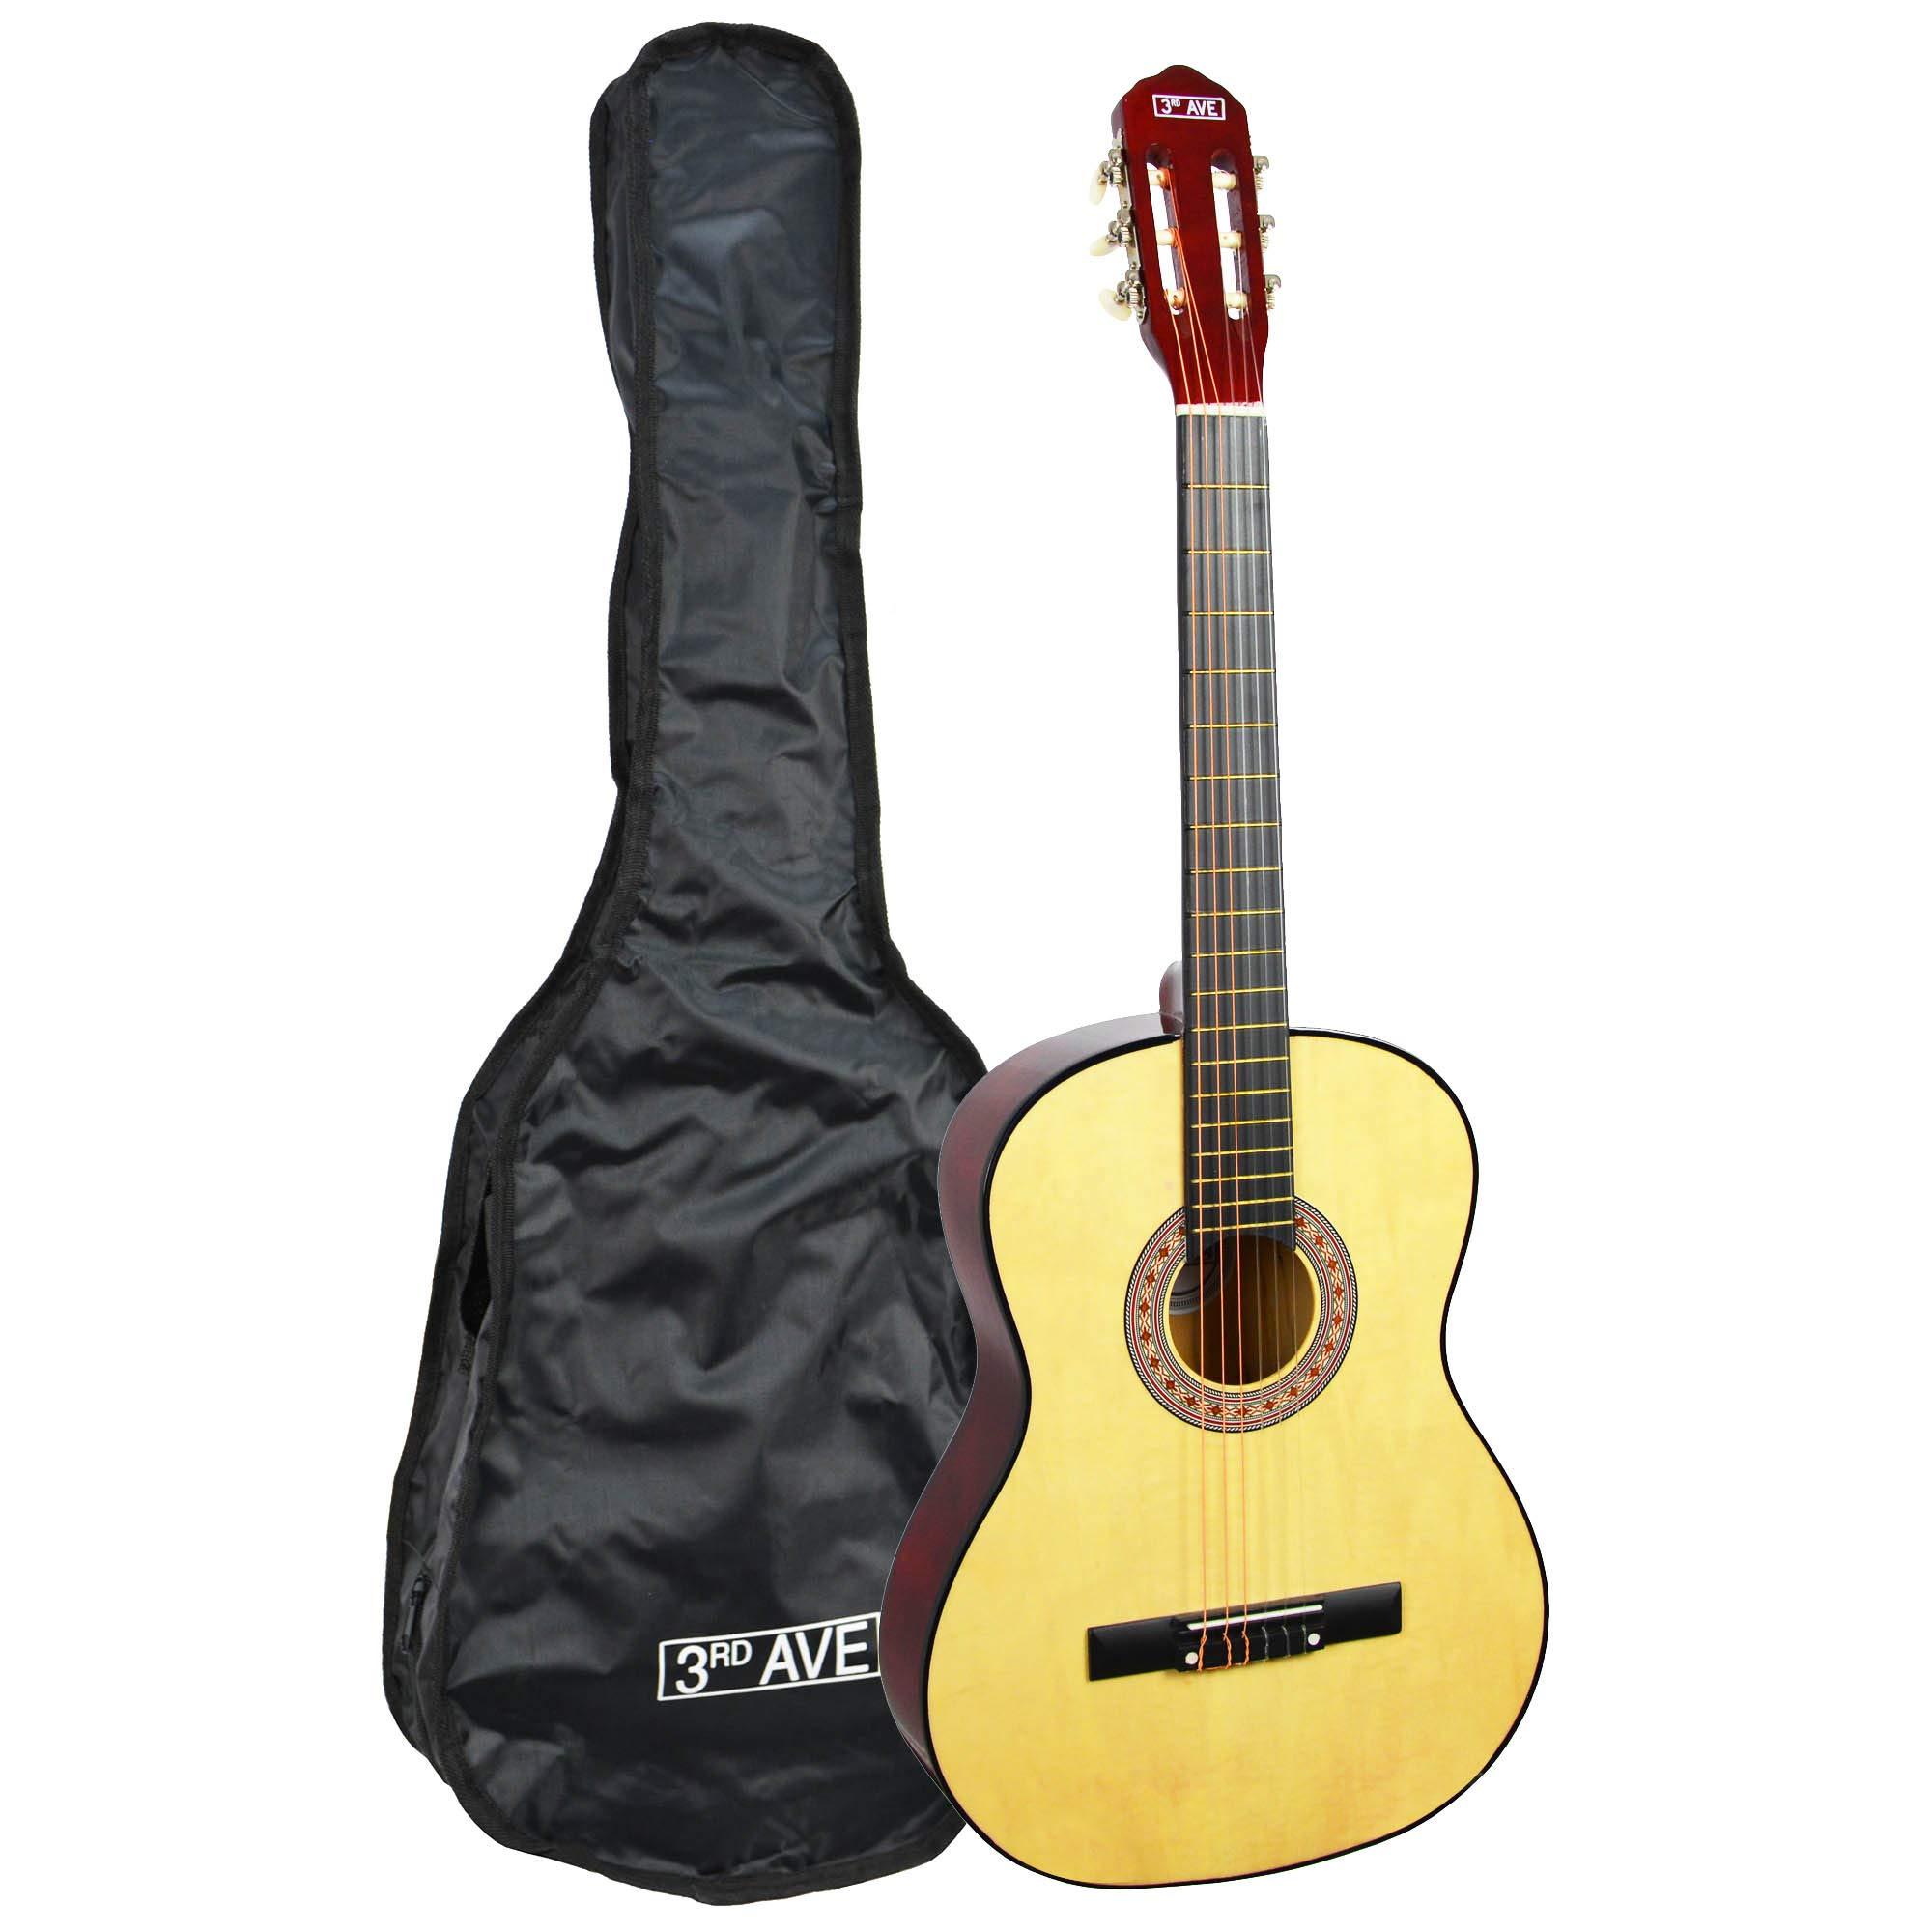 3Rd Avenue STX20AN - Guitarra clásica de tamaño completo product image